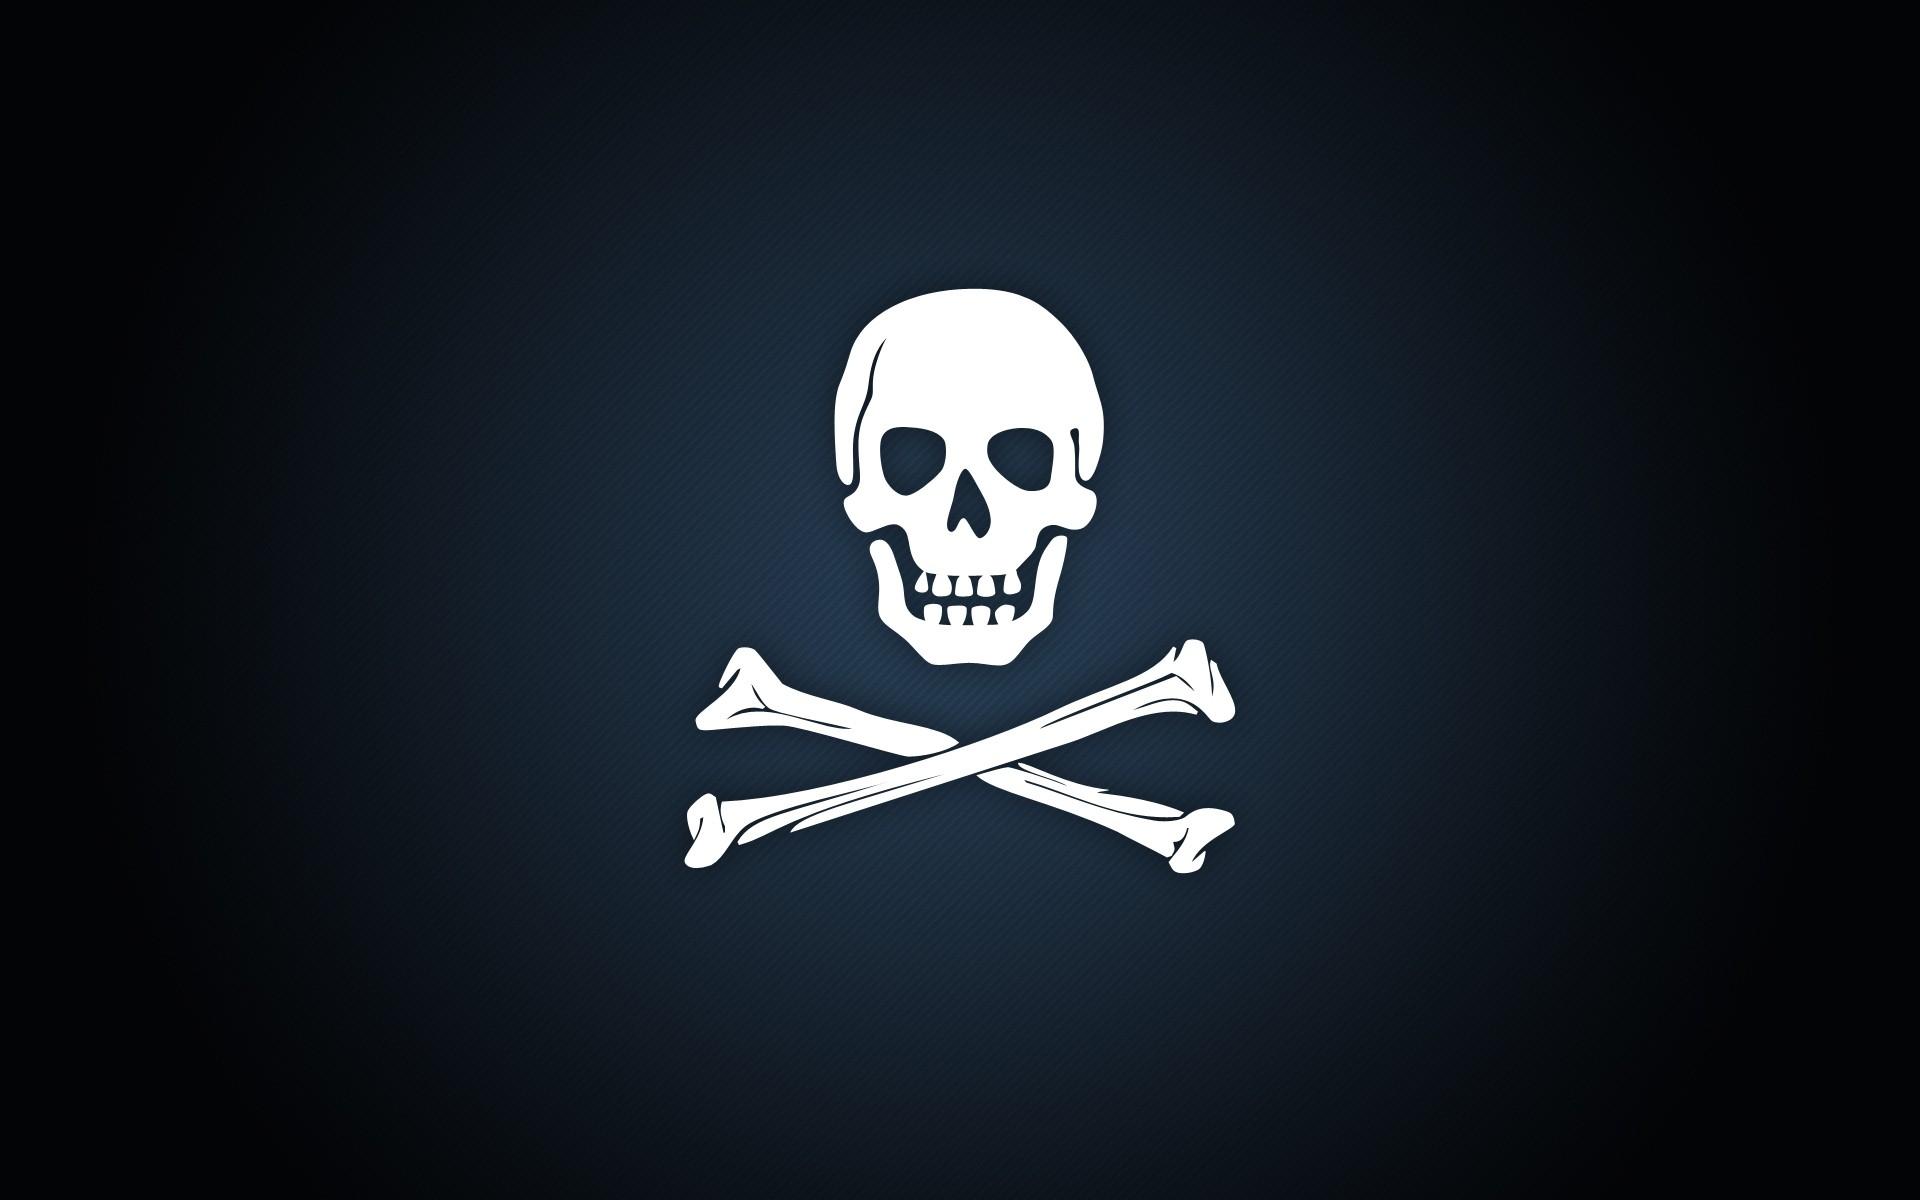 Calavera de piratas - 1920x1200